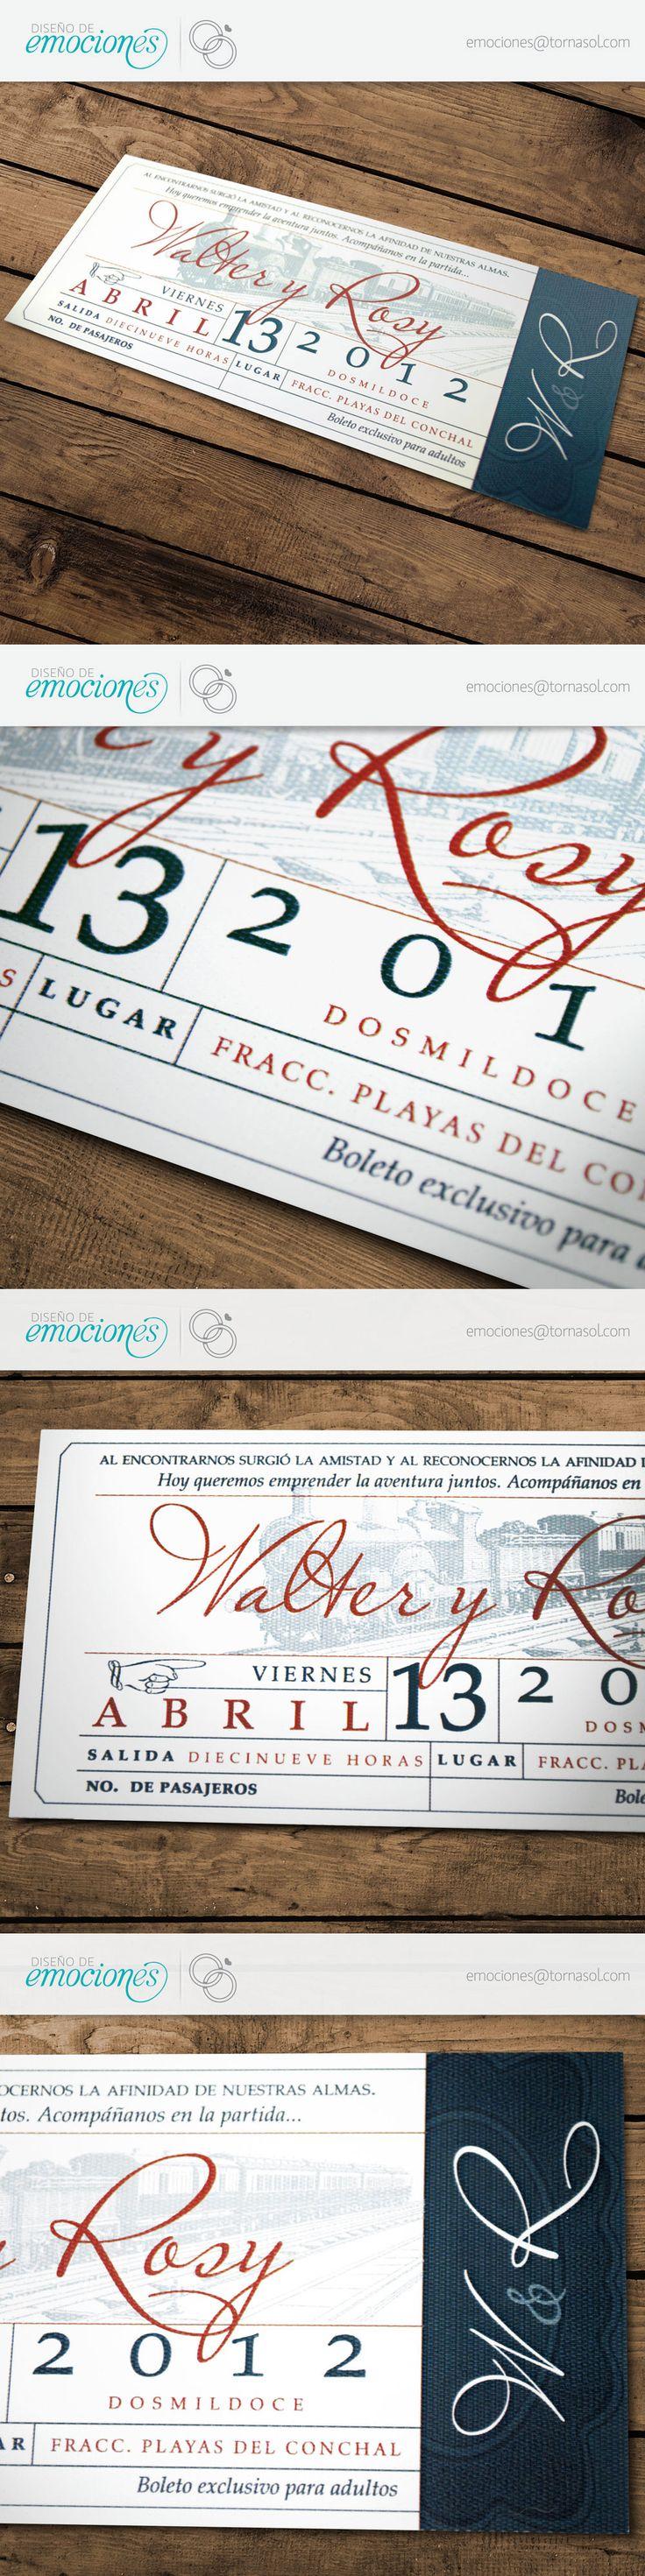 Boda Civil   Diseño vintage de invitación para ceremonia civil. Inspirado en la gráfica de los boletos de tren antiguos.